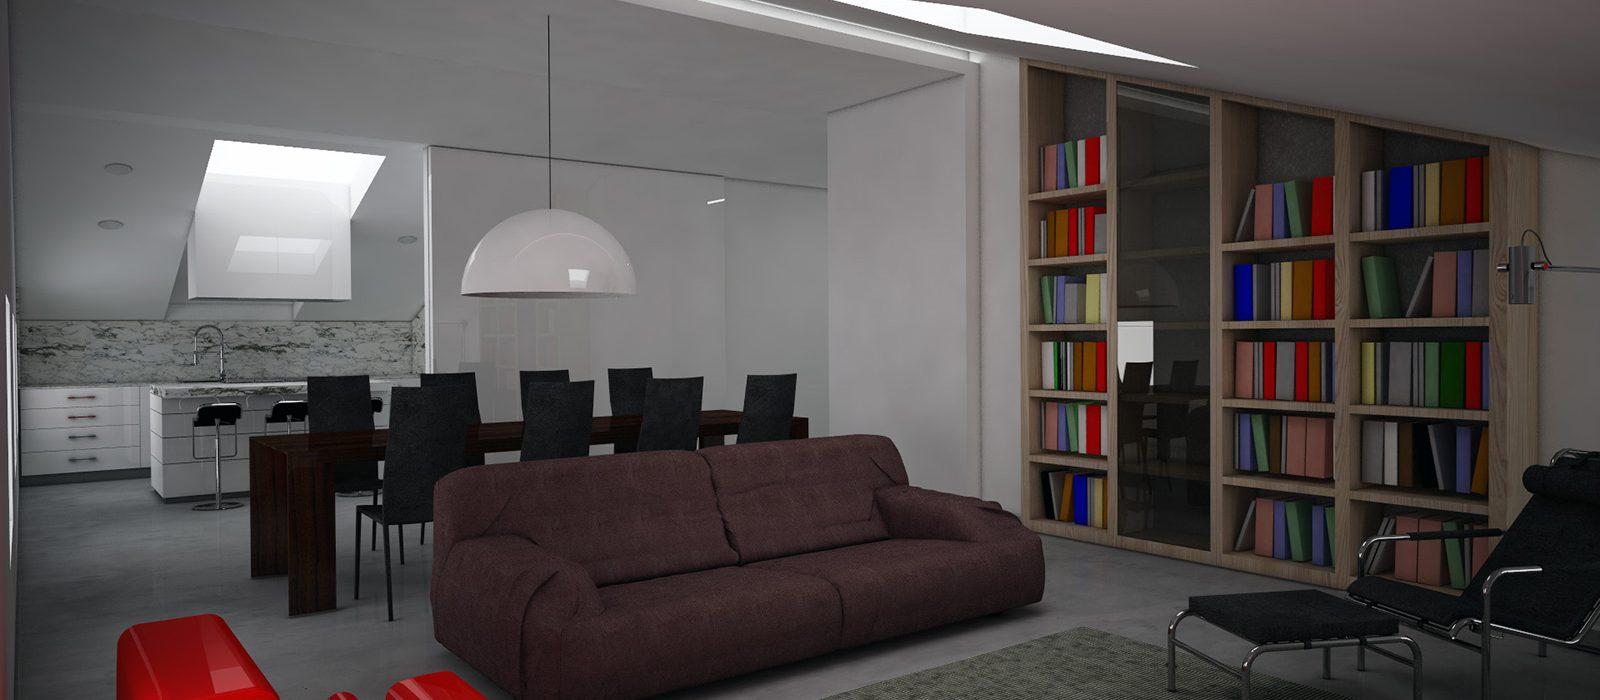 02_house_r04-16_studio_di_architettura_giuseppe_passaro_progettazione_interni_e_arredo